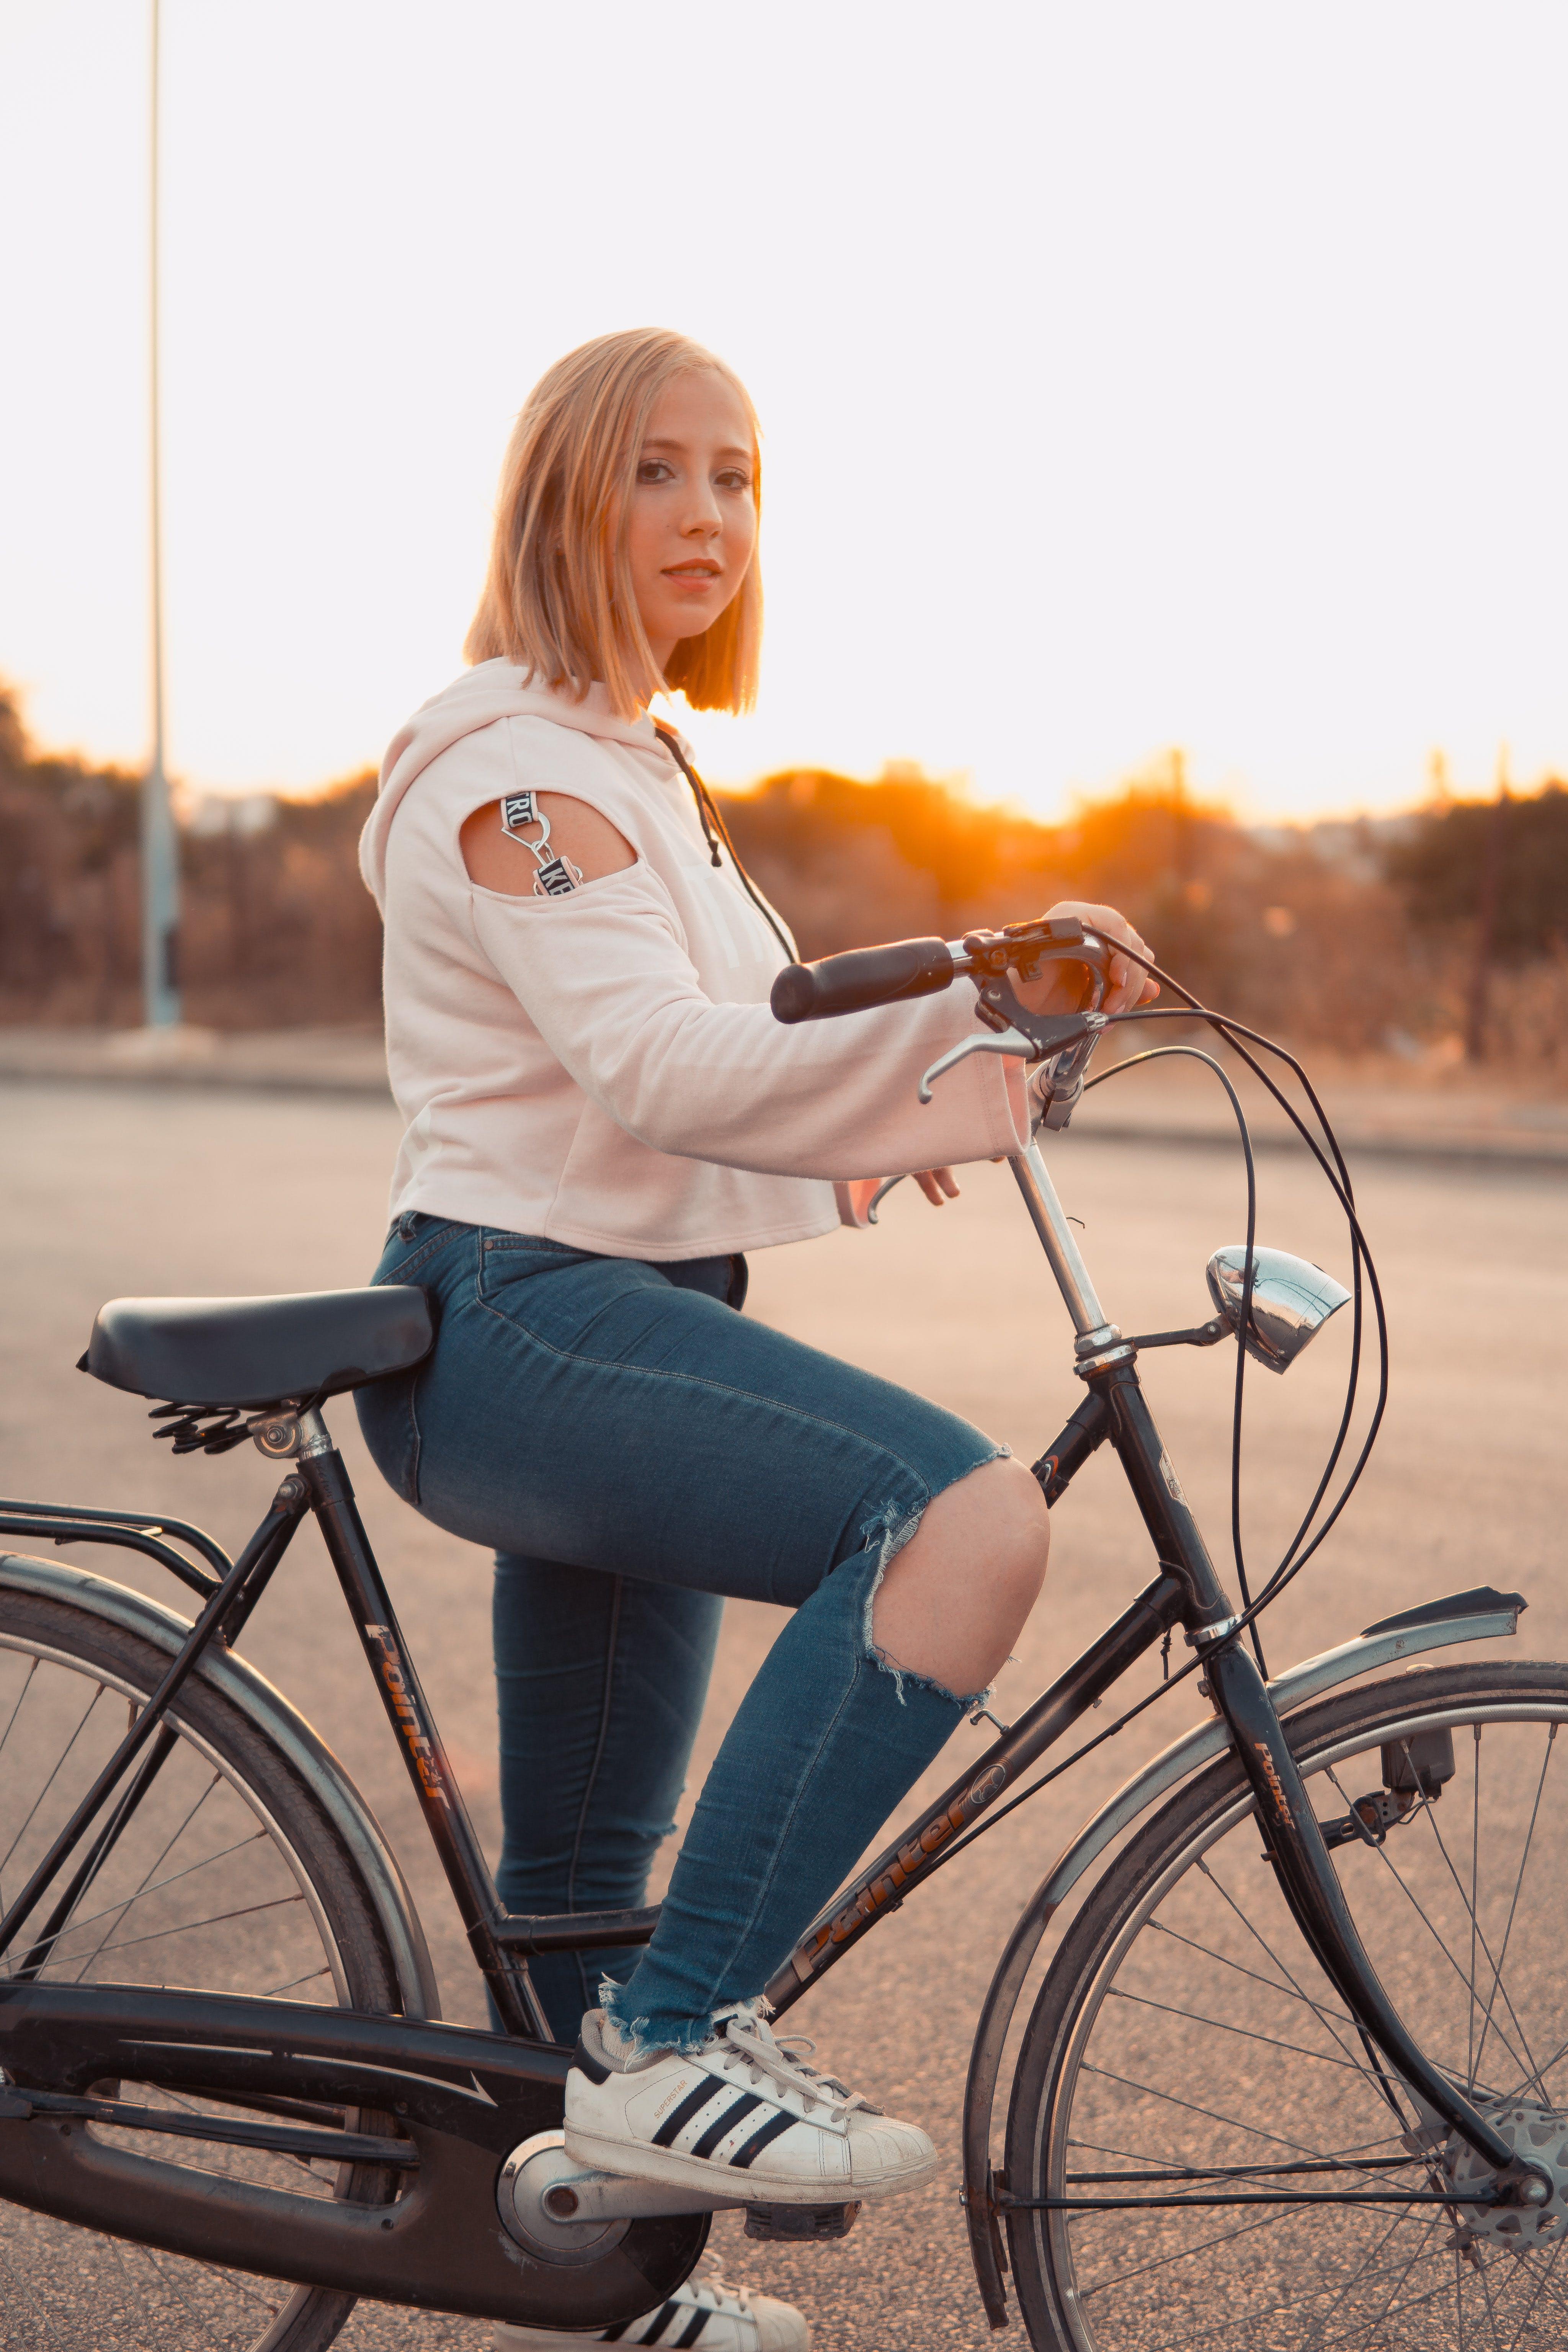 Gratis lagerfoto af aktiv, blond hår, cykel, cyklist